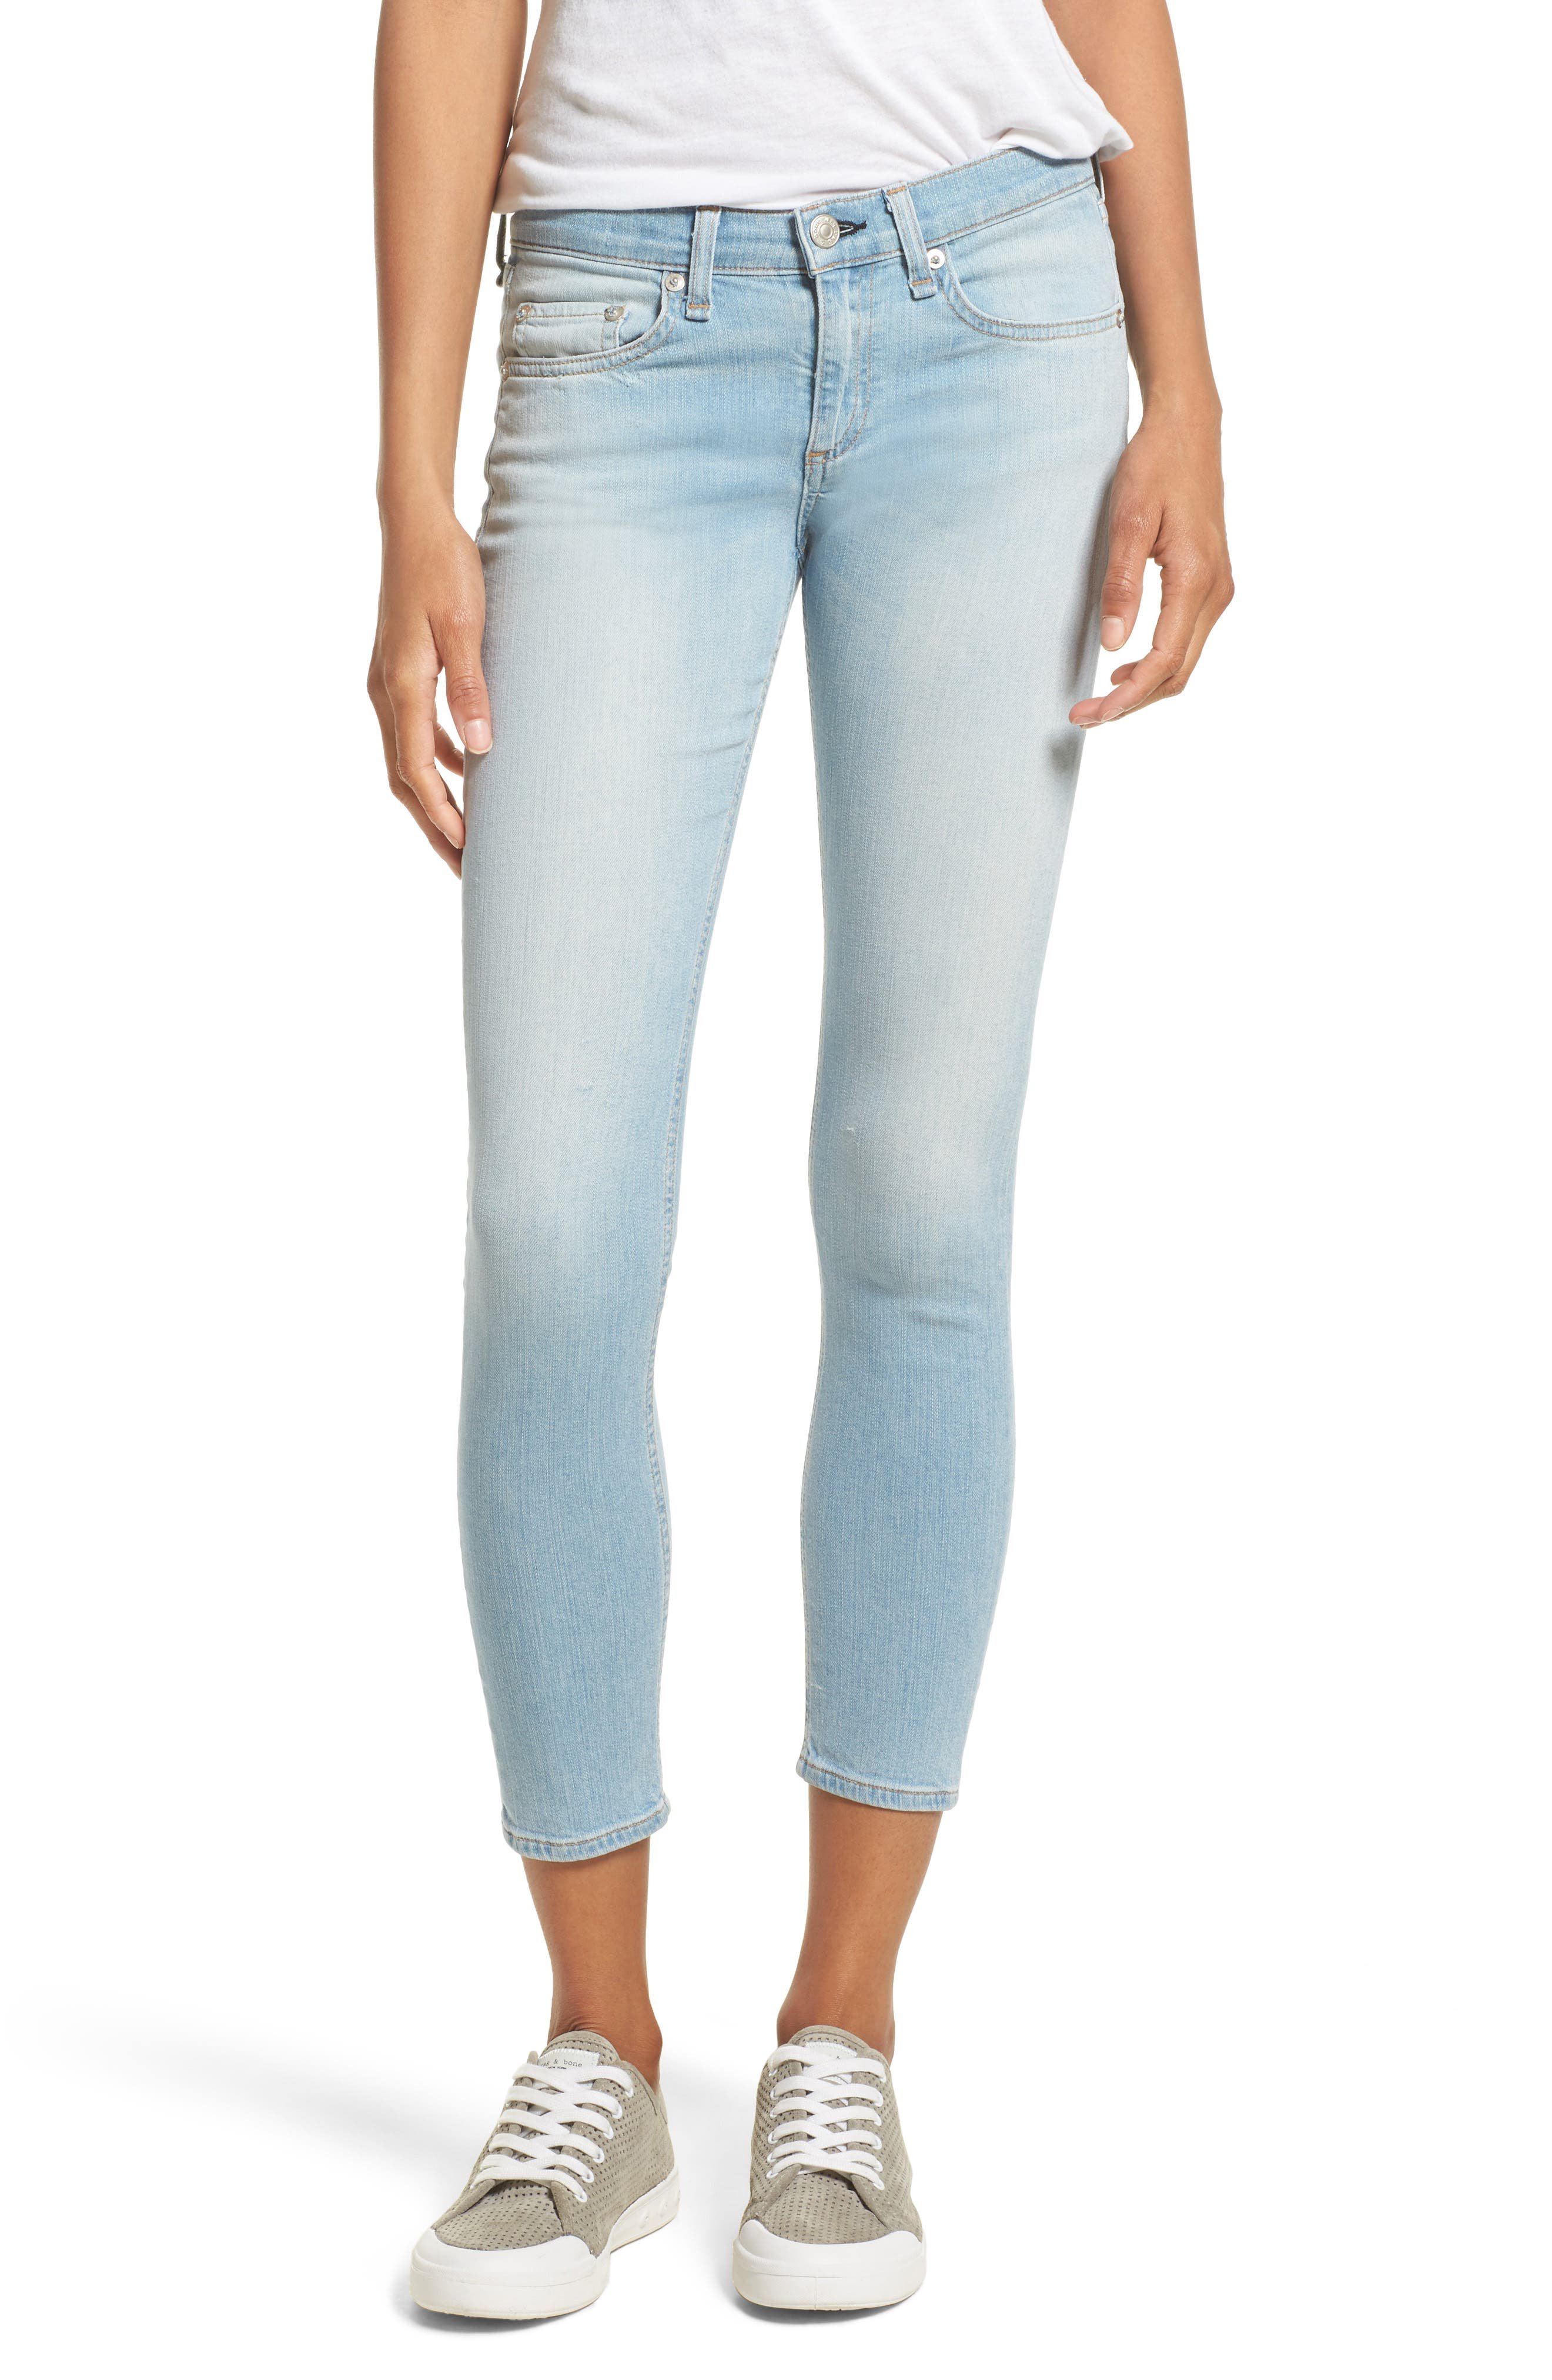 Alternate Image 1 Selected - rag & bone/JEAN Capri Skinny Jeans